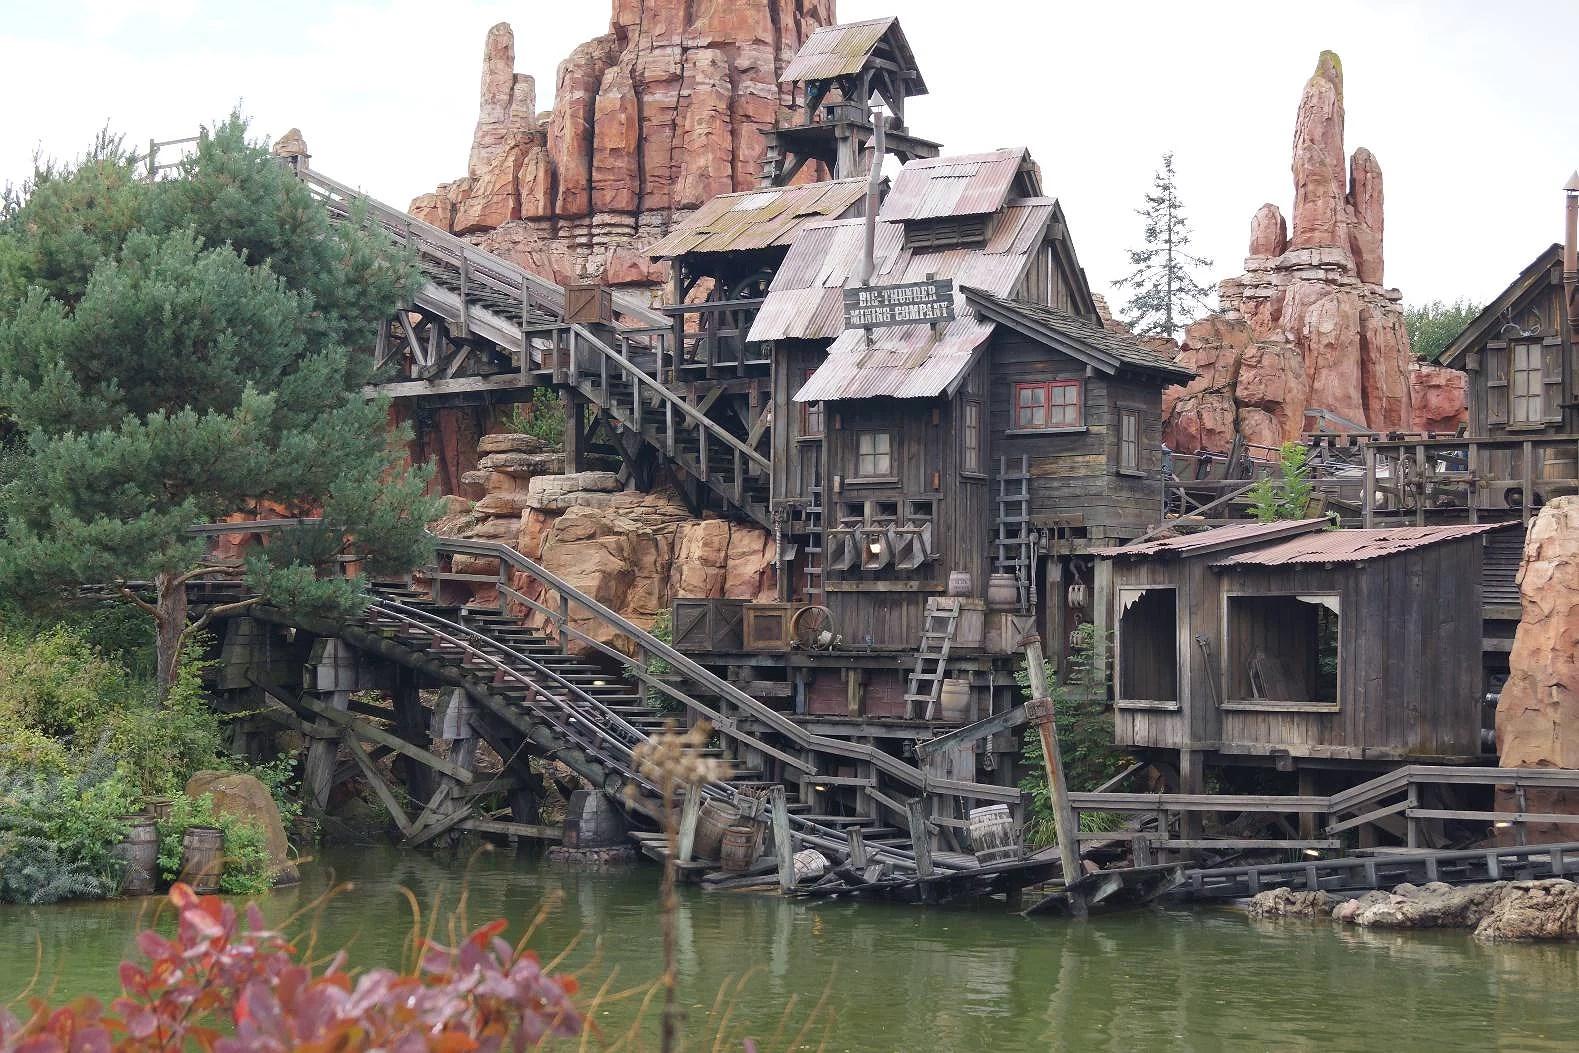 Attraktioner på Disneyland Paris: Big Thunder Mountain Railroad